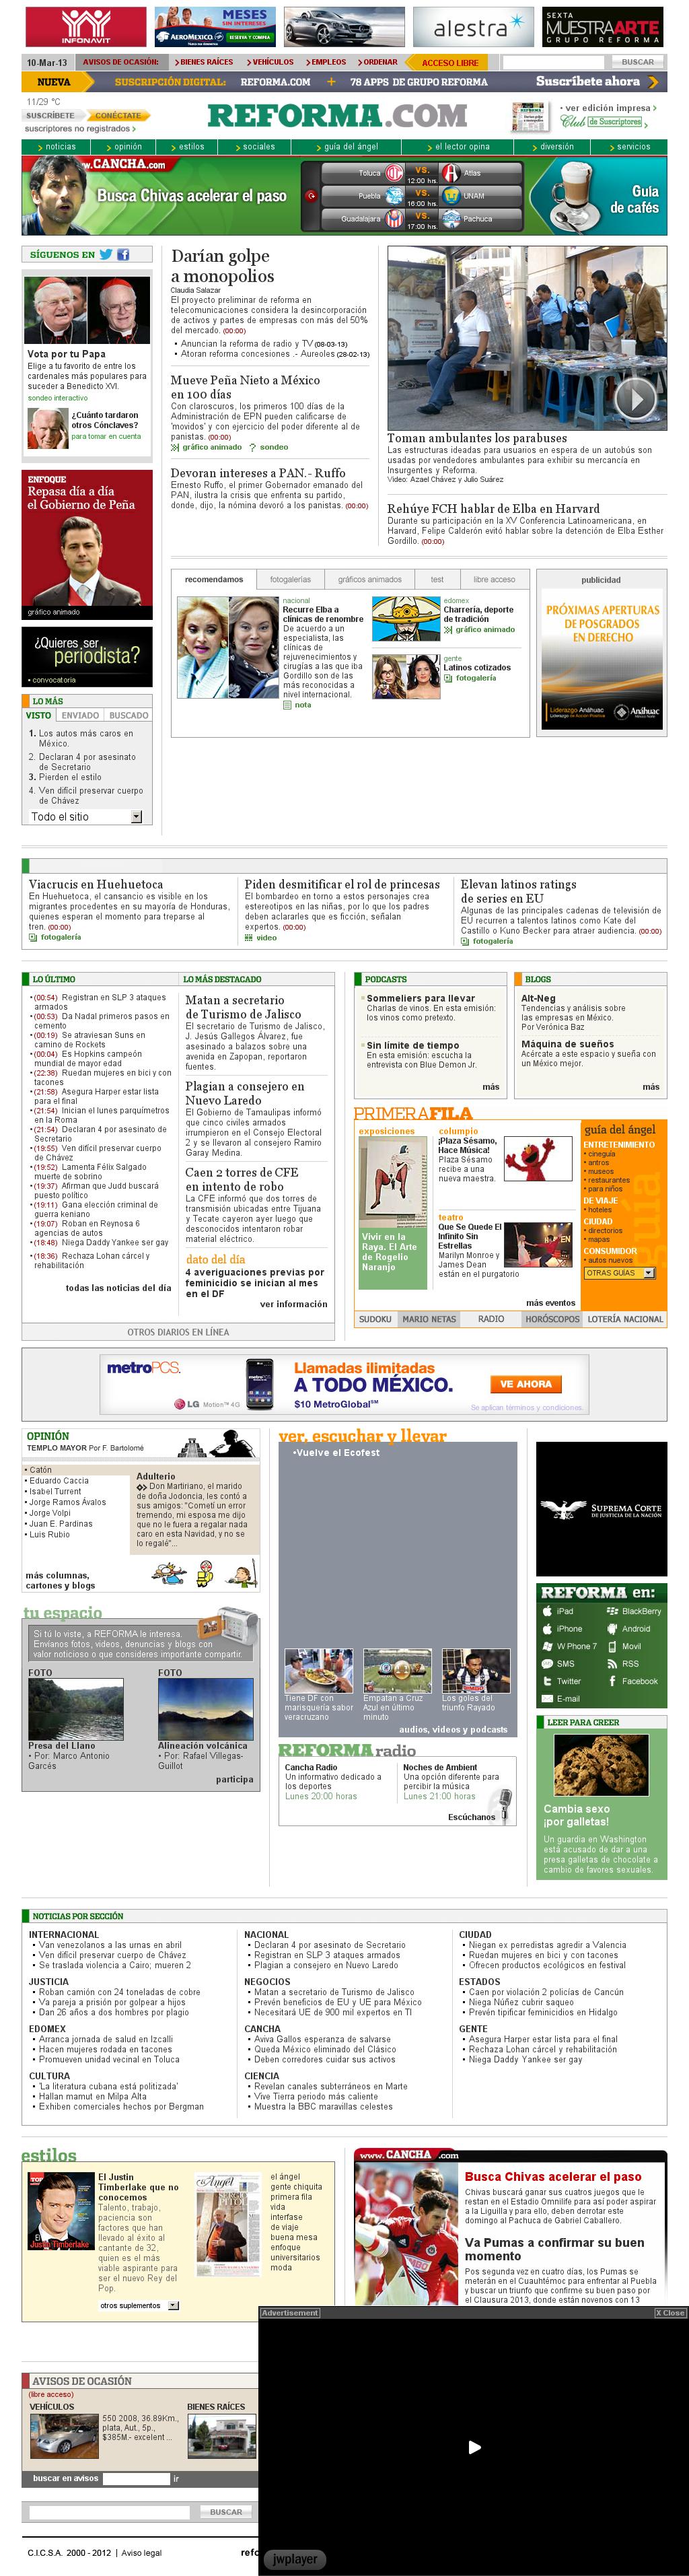 Reforma.com at Sunday March 10, 2013, 11:17 a.m. UTC